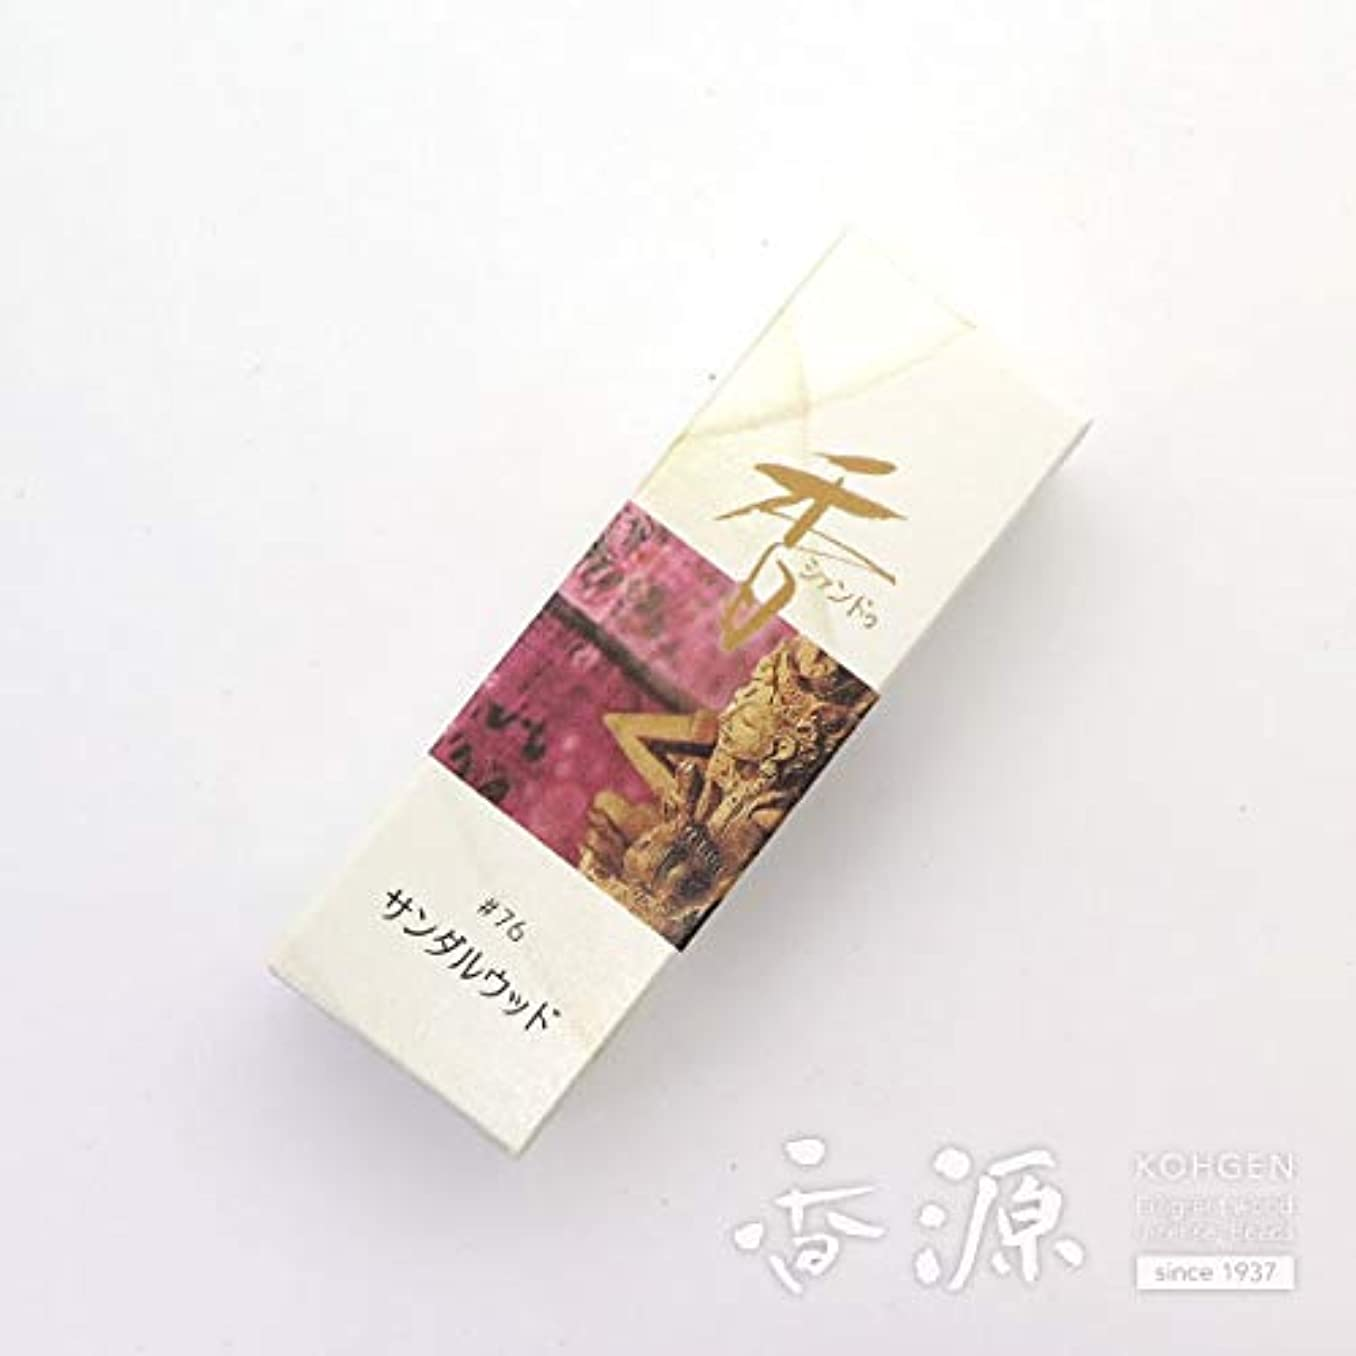 終わり主婦みなす松栄堂のお香 Xiang Do サンダルウッド ST20本入 簡易香立付 #214276